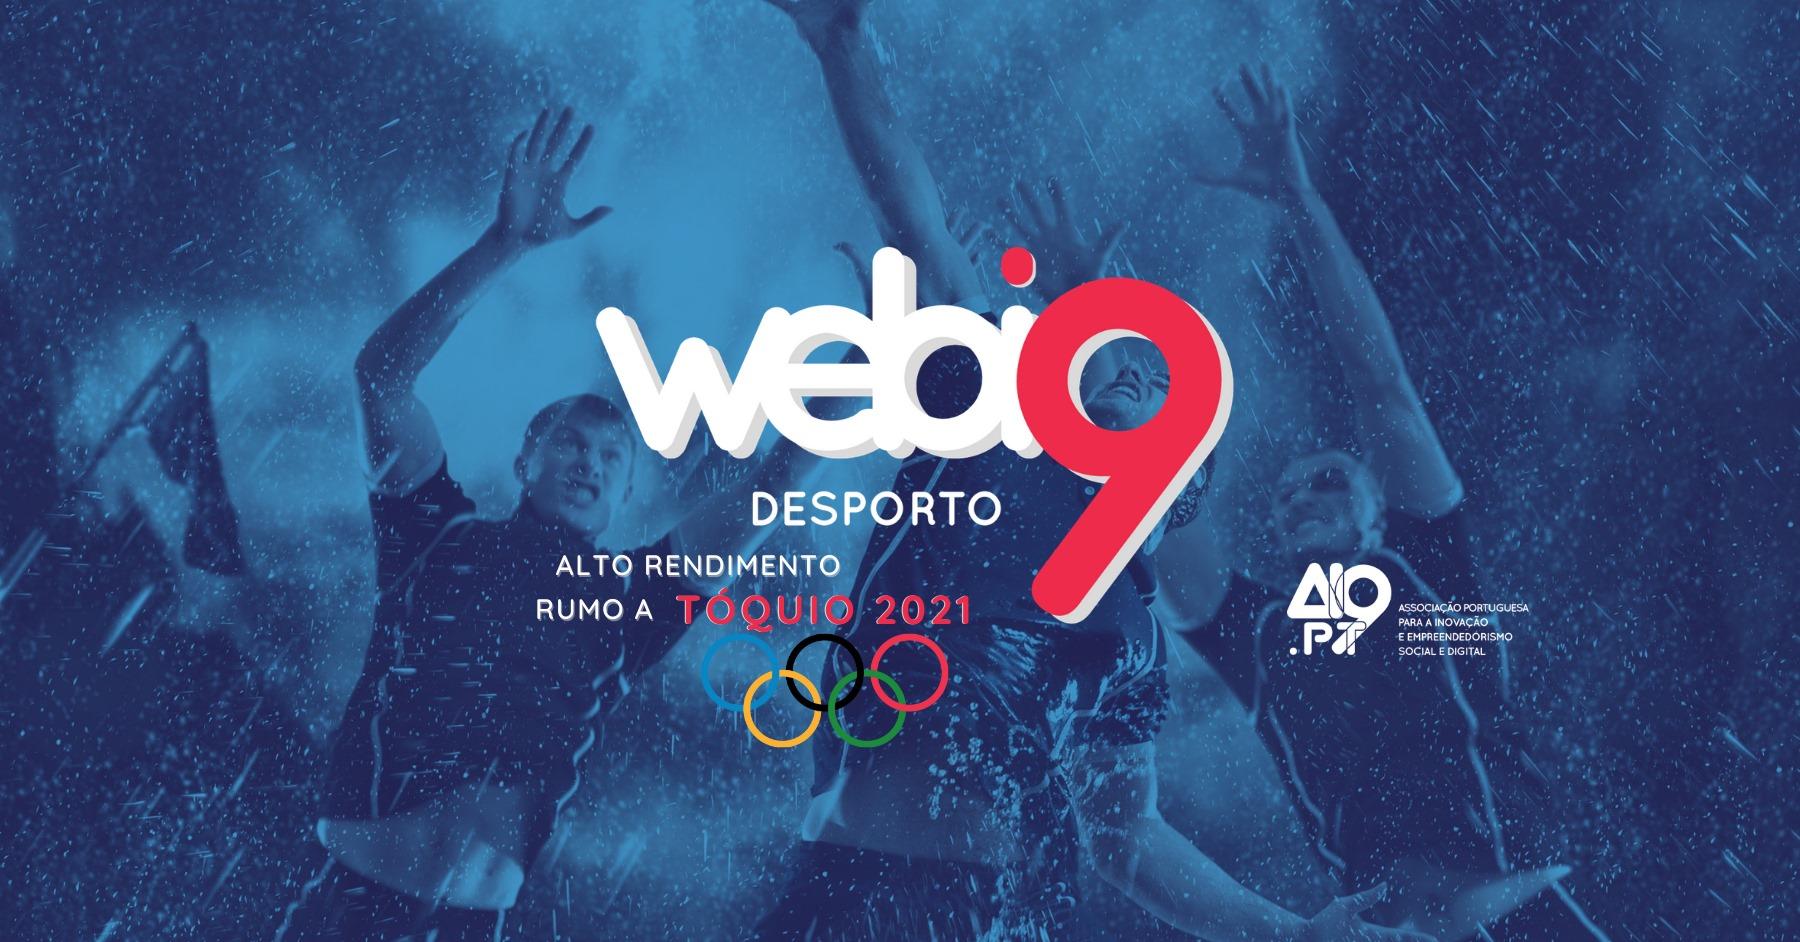 WEBI9 Desporto – ALTO RENDIMENTO NO DESPORTO EM PORTUGAL – RUMO A TÓQUIO 2021